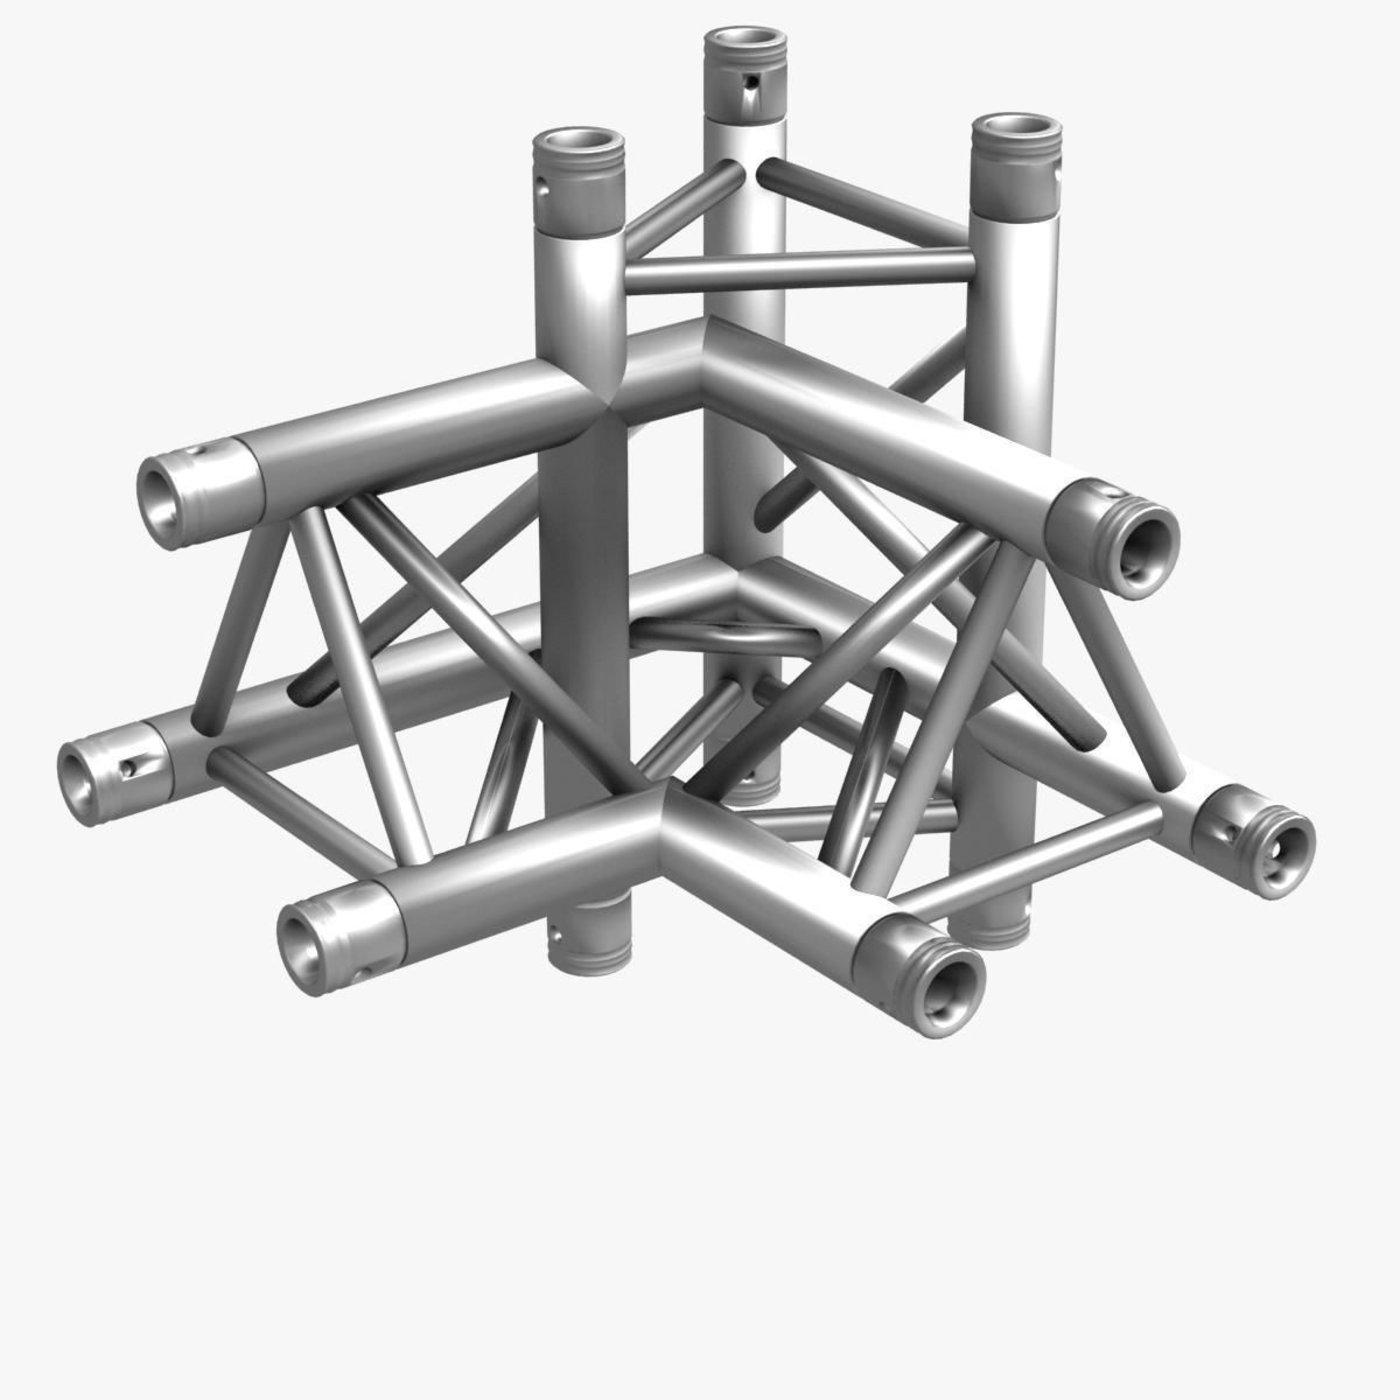 Trusses Square Triangular Beam Bundle 000